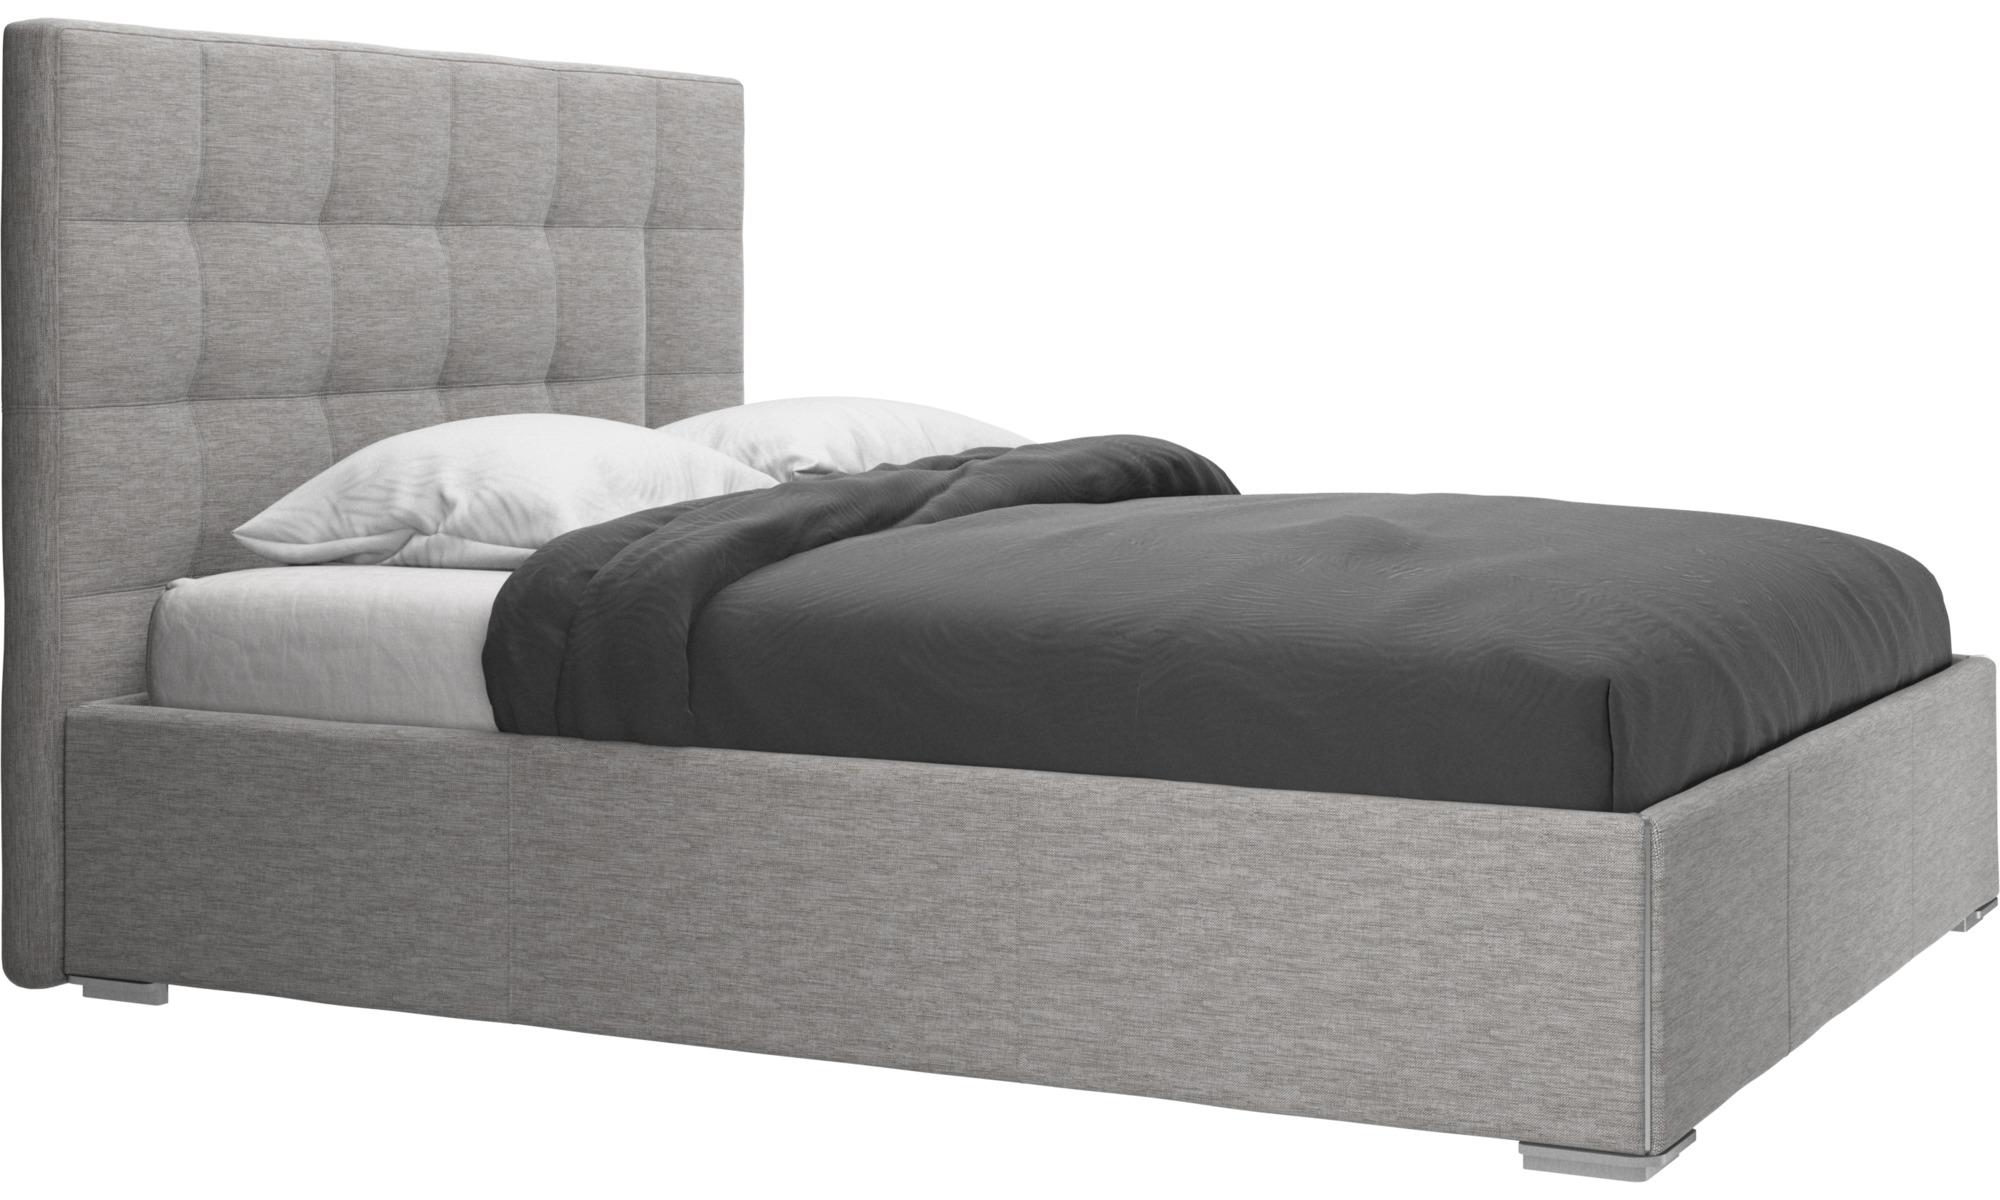 Camas - Cama Mezzo, no incluye colchón - En gris - Tela